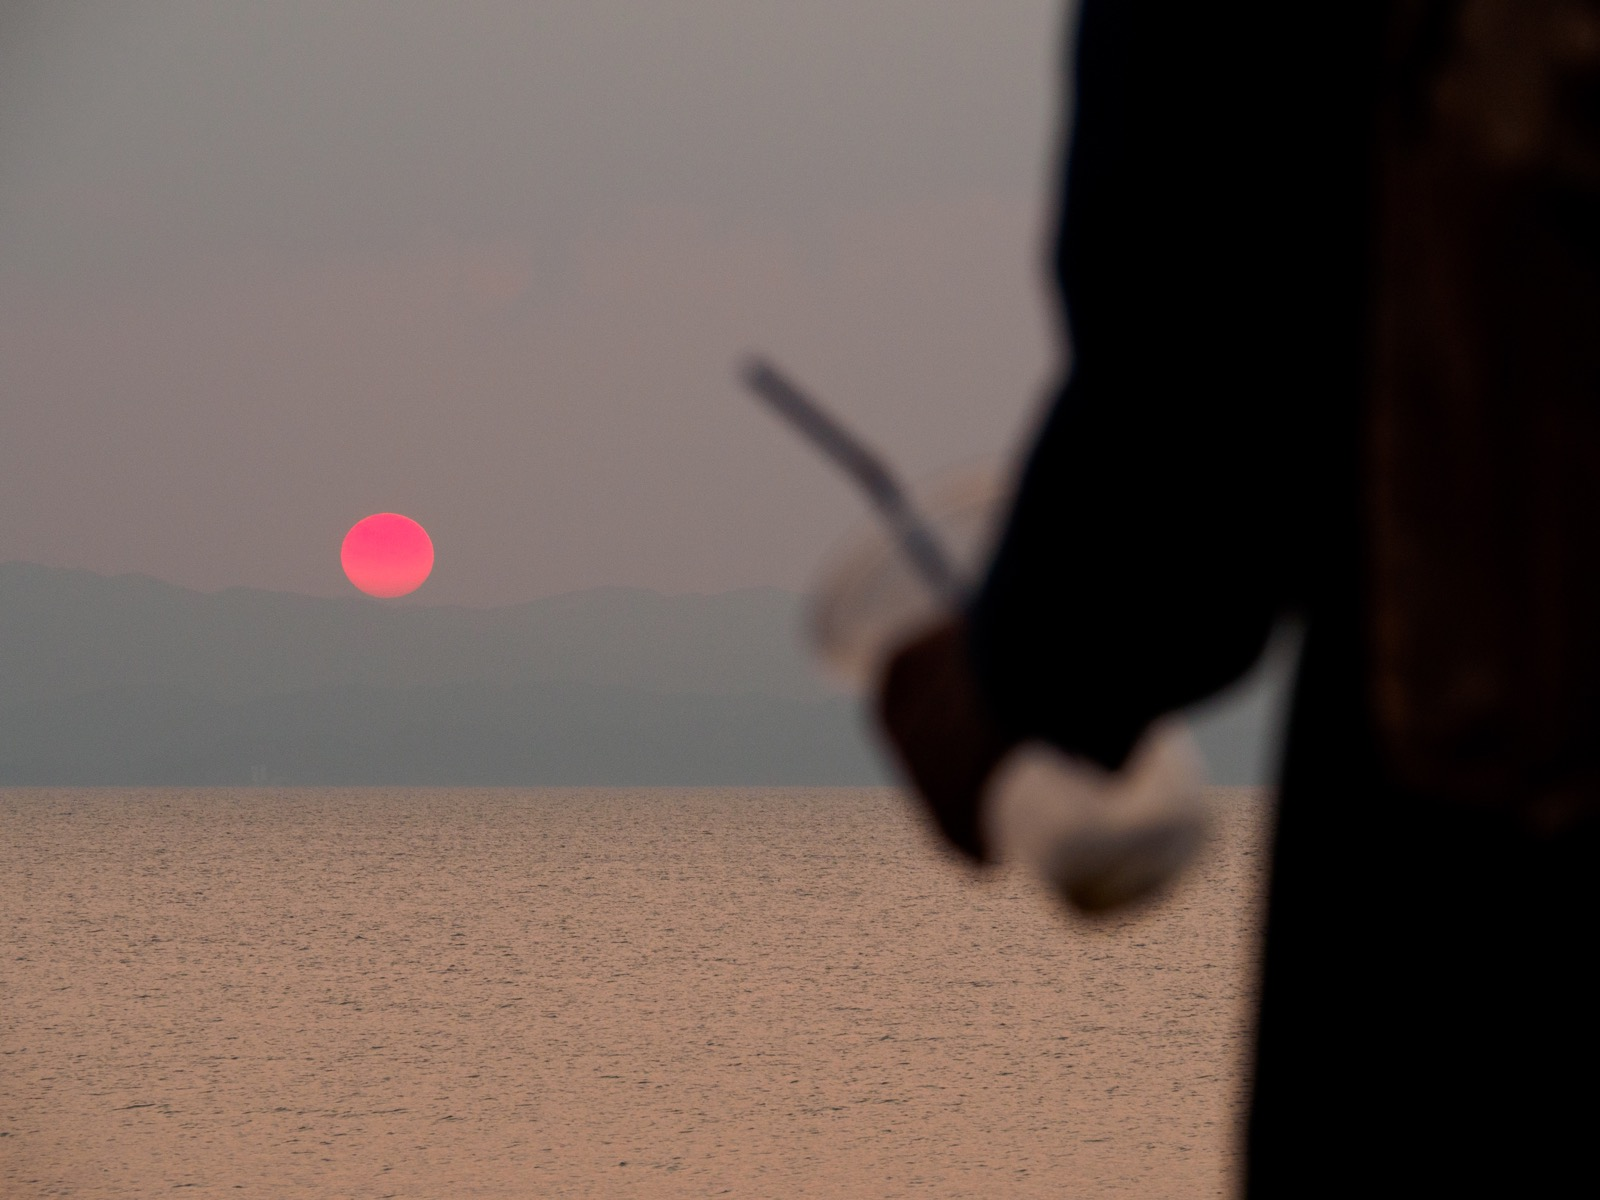 千綿駅から見る夕日